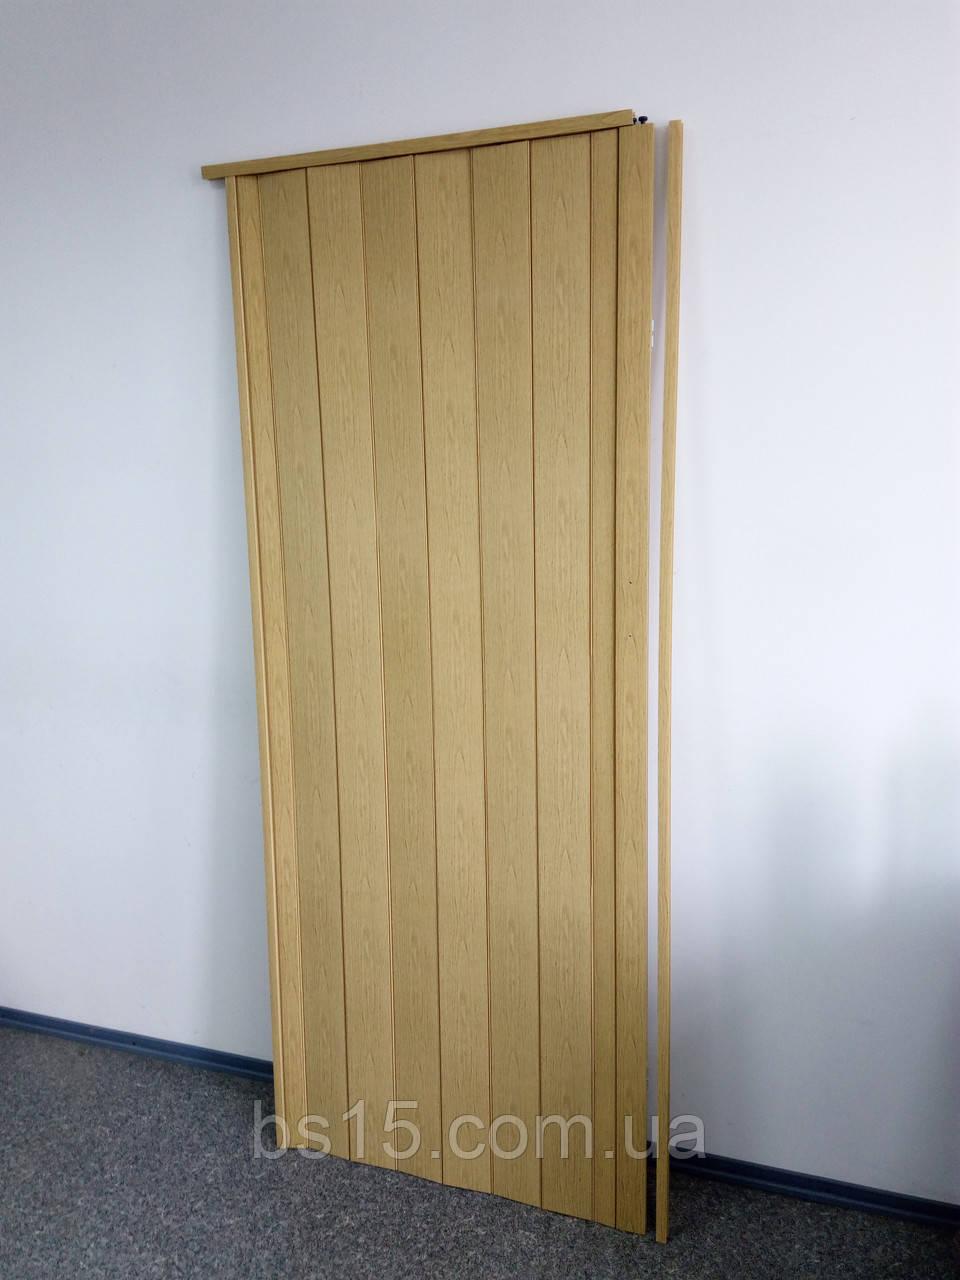 Двери межкомнатные раздвижные дуб светлый Build System 810х2030х6мм доставка по Украине - Build System в Днепре